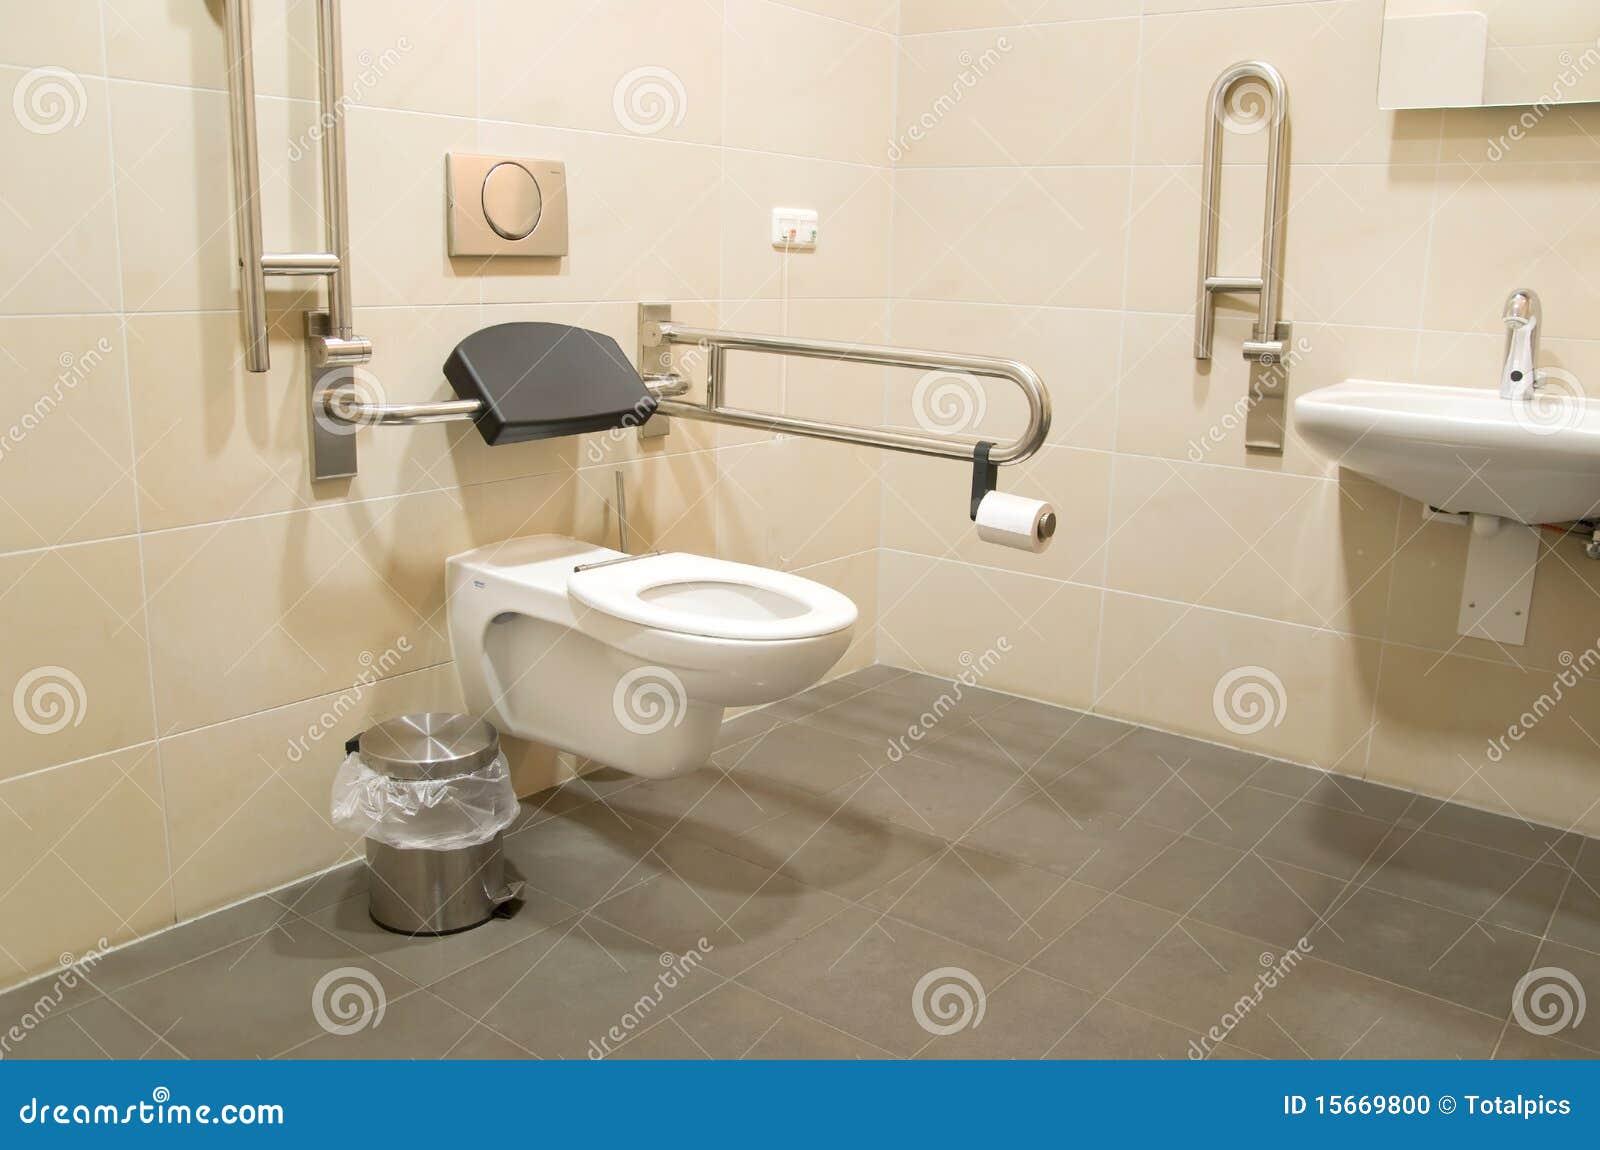 #84A922 Banheiro Para Deficientes Motores Foto de Stock Imagem: 15669800 1300x951 px Banheiro Para Deficiente Visual 2539